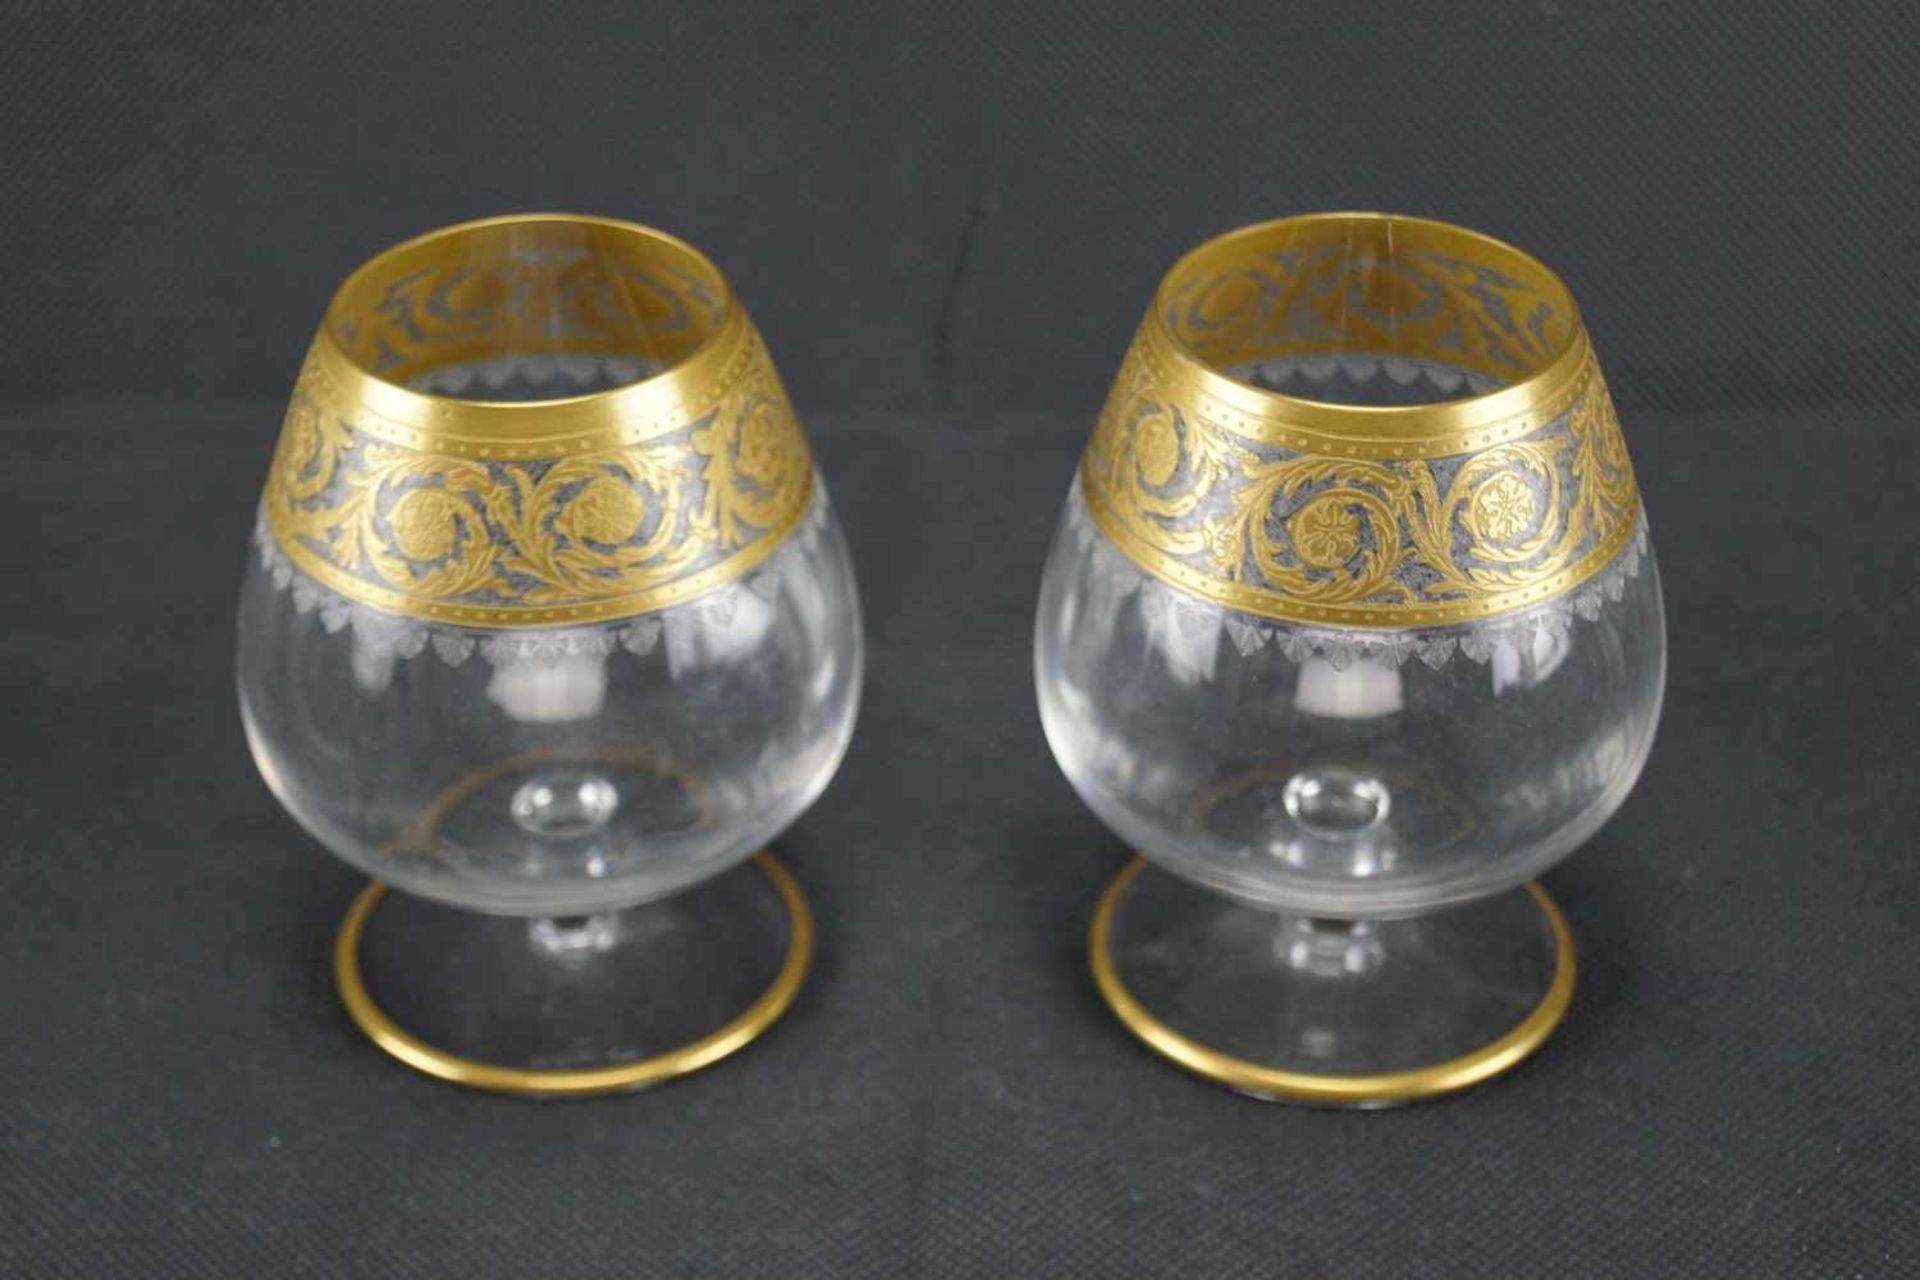 Zwei Tasting Gläser, Saint Louis Mit Ätzmarke versehen, Serie Thistle Gold, Höhe 10 cm, in einem